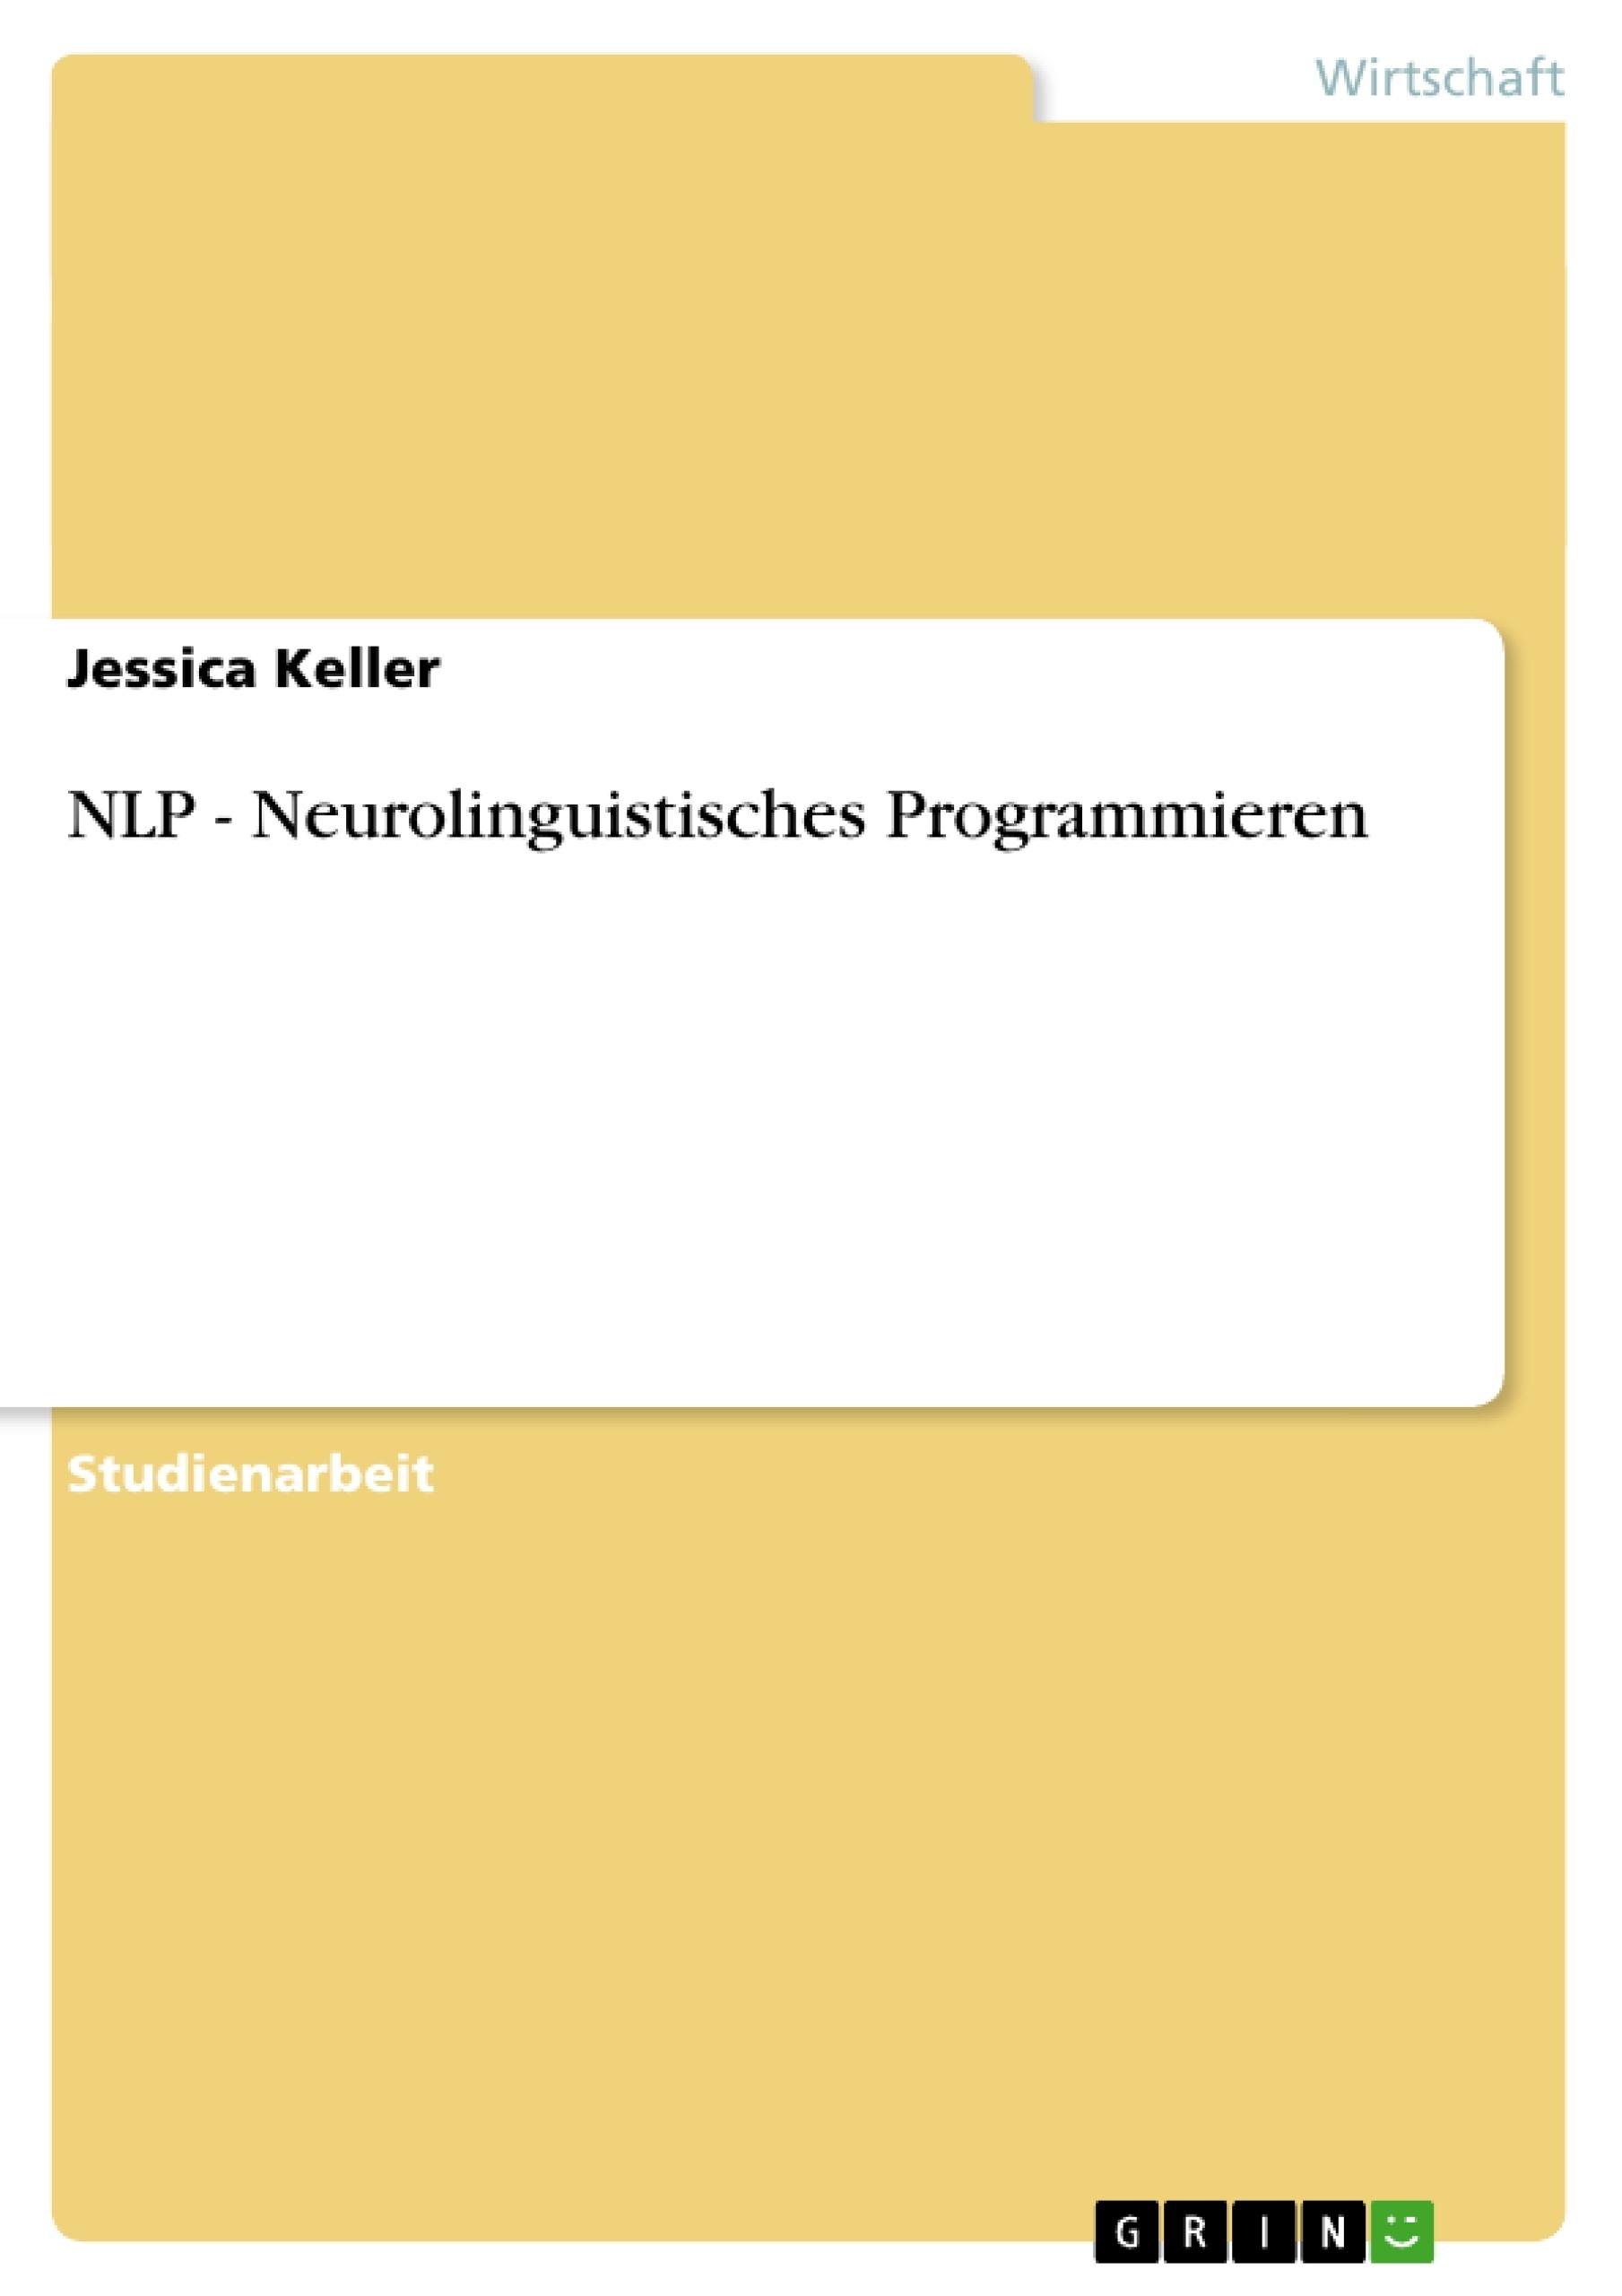 Titel: NLP - Neurolinguistisches Programmieren